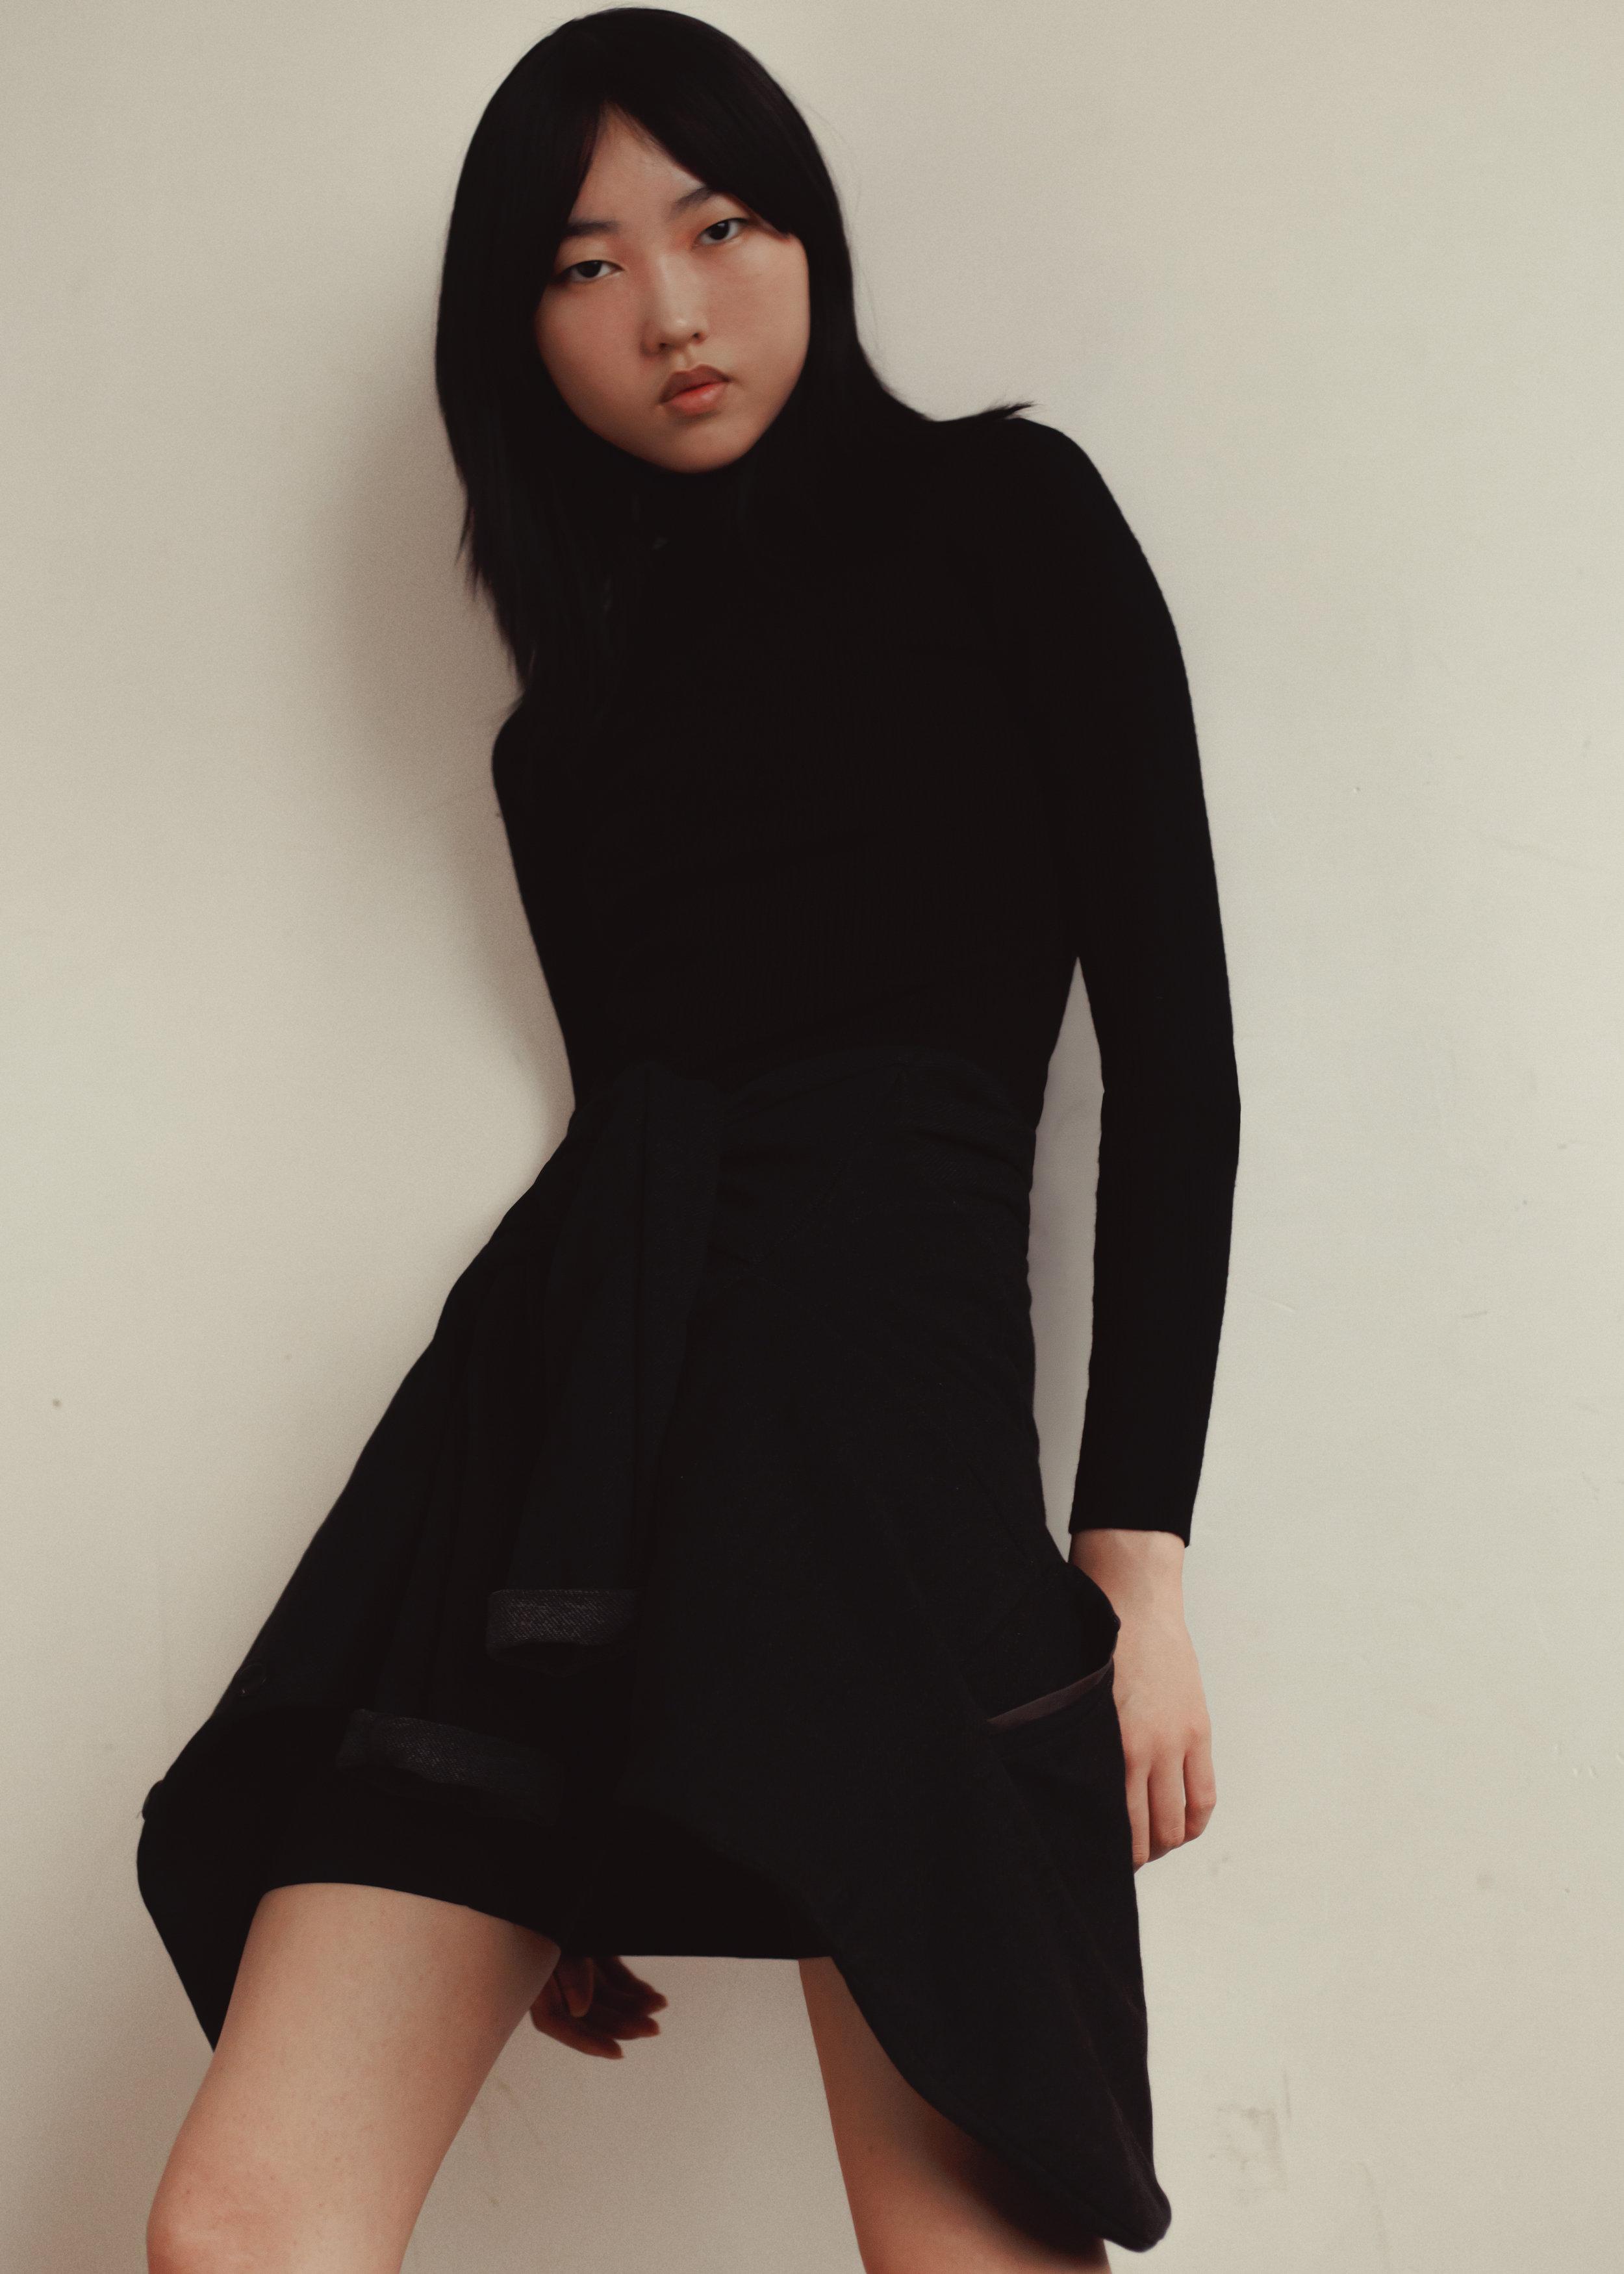 ChloeTang_Muse_015.JPG